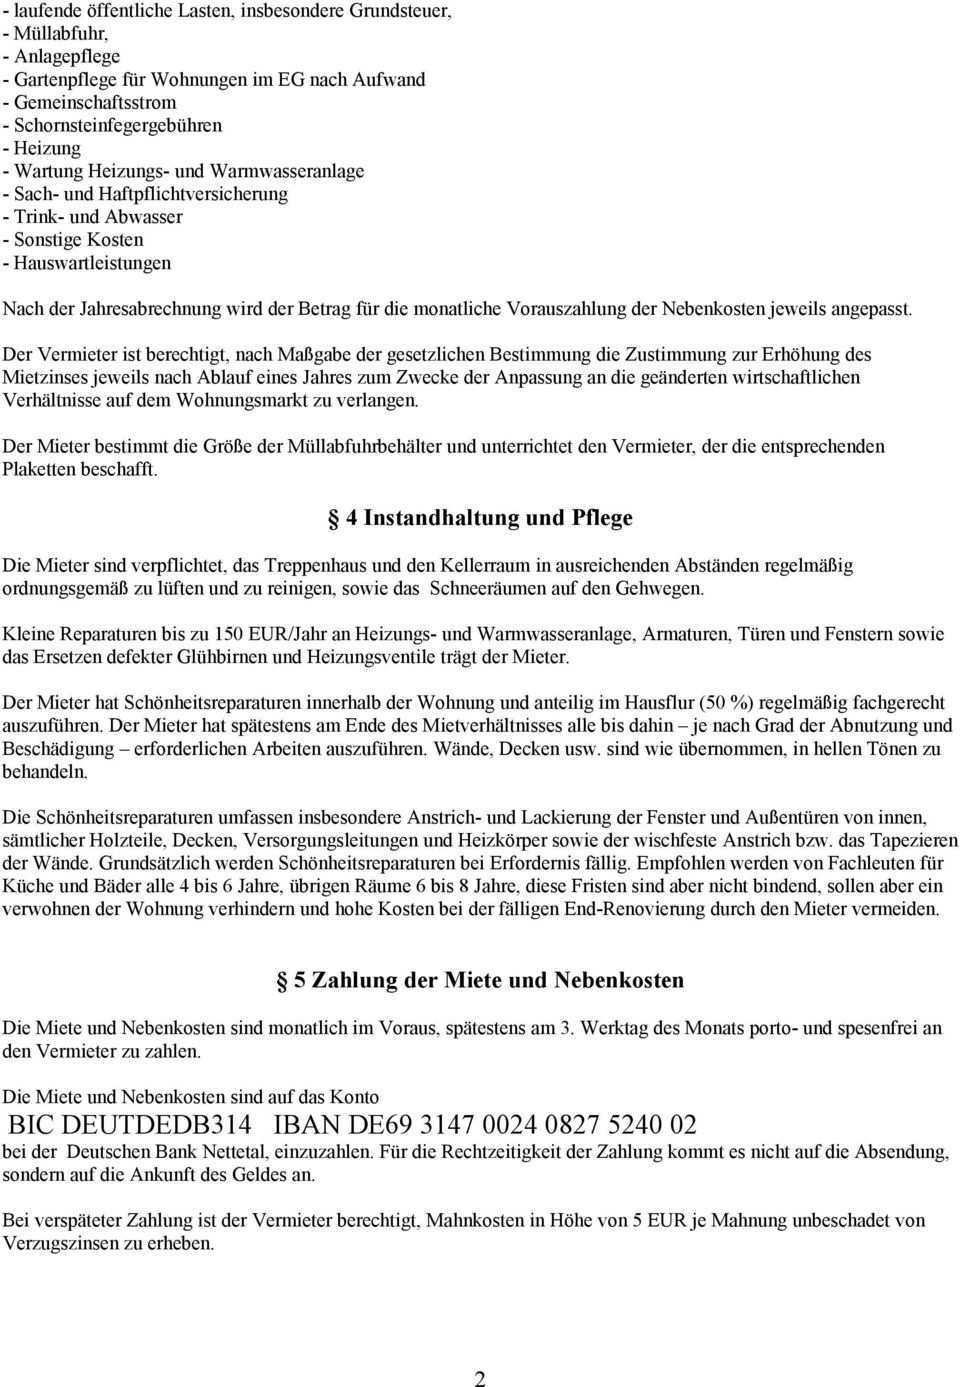 Muster Mietvertrag Zwischen Burg Ingenhoven Service Gmbh Burgstr 10 Nettetal Vertreten Durch Deren Geschaftsfuhrer Thomas Rosenwasser Und Pdf Free Download